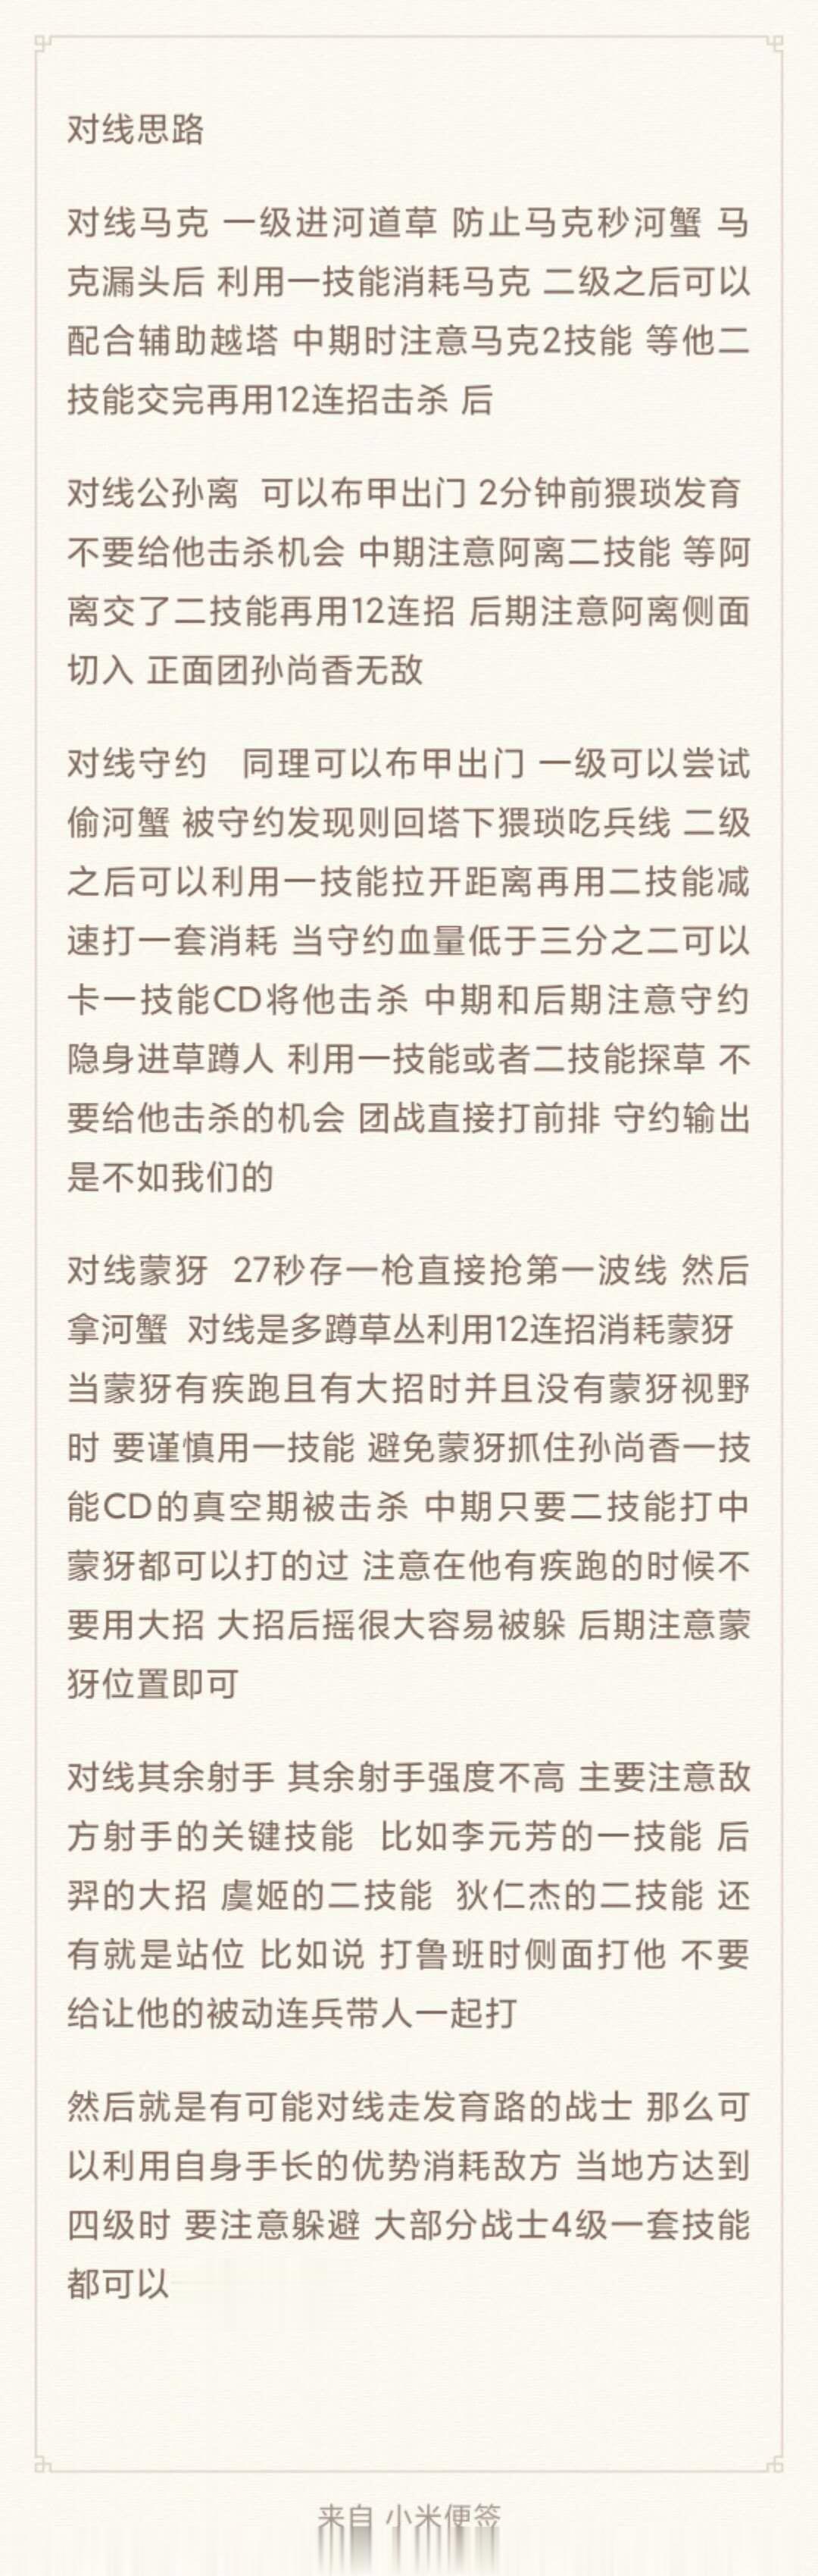 《【煜星娱乐注册官网】小弟12000分孙尚香, 给大家分享一点孙尚香的打法攻略》